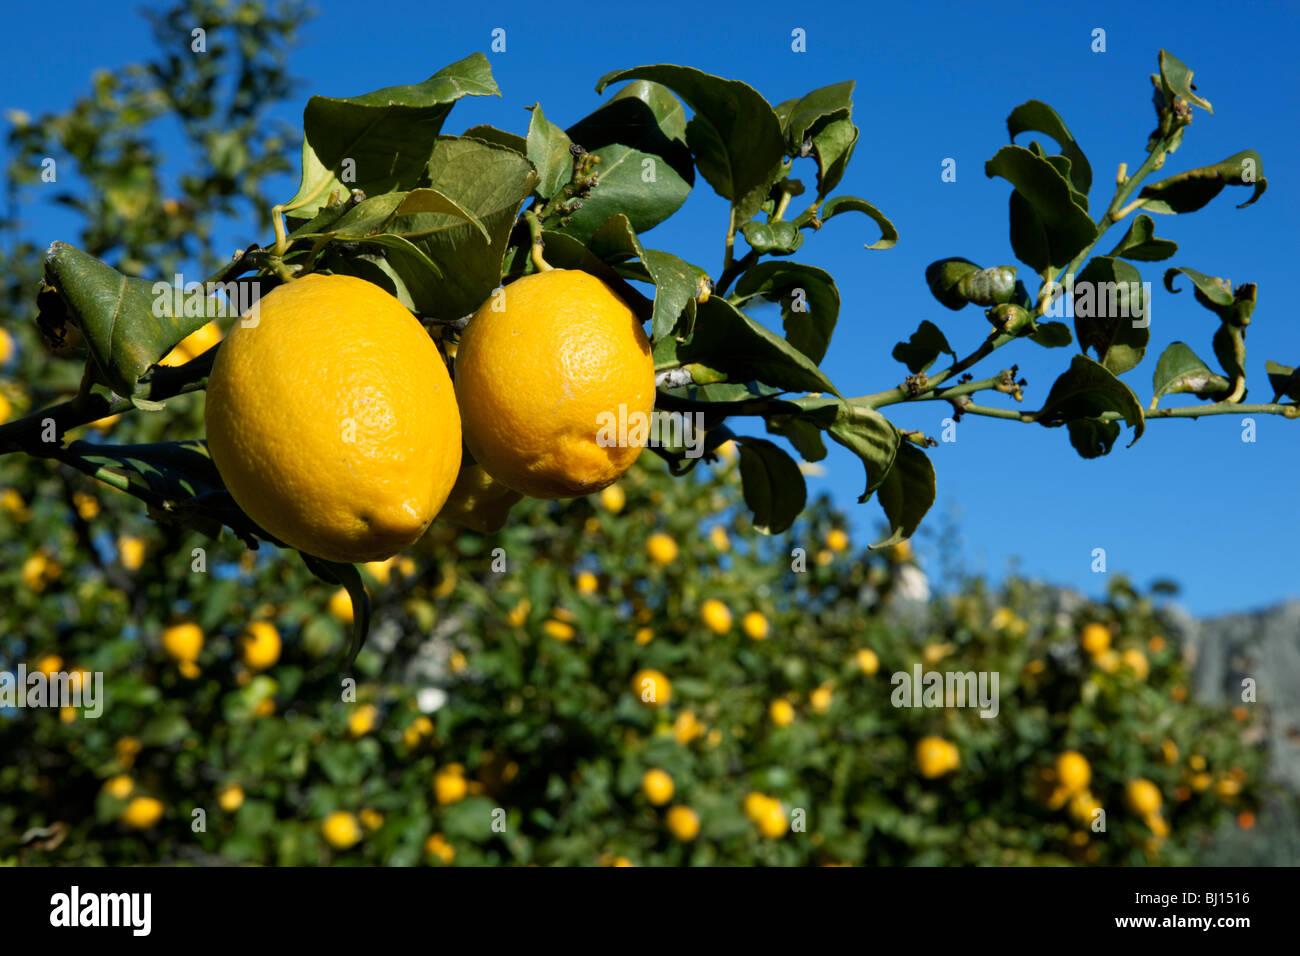 Limoni sull'albero Immagini Stock